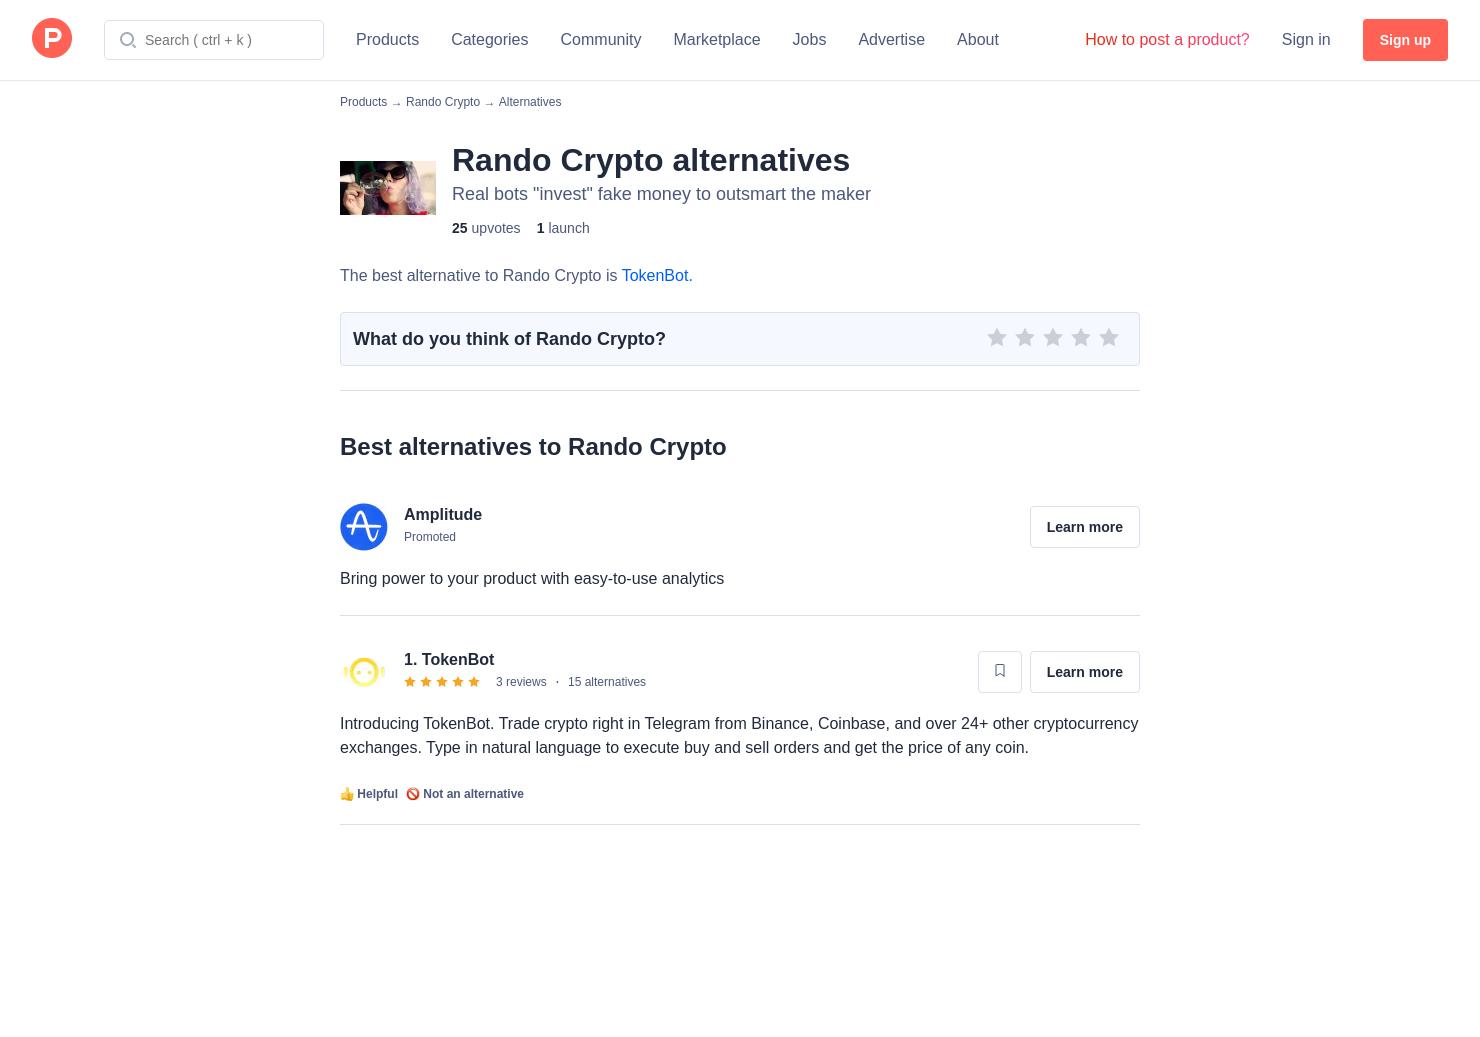 10 Alternatives to Rando Crypto | Product Hunt